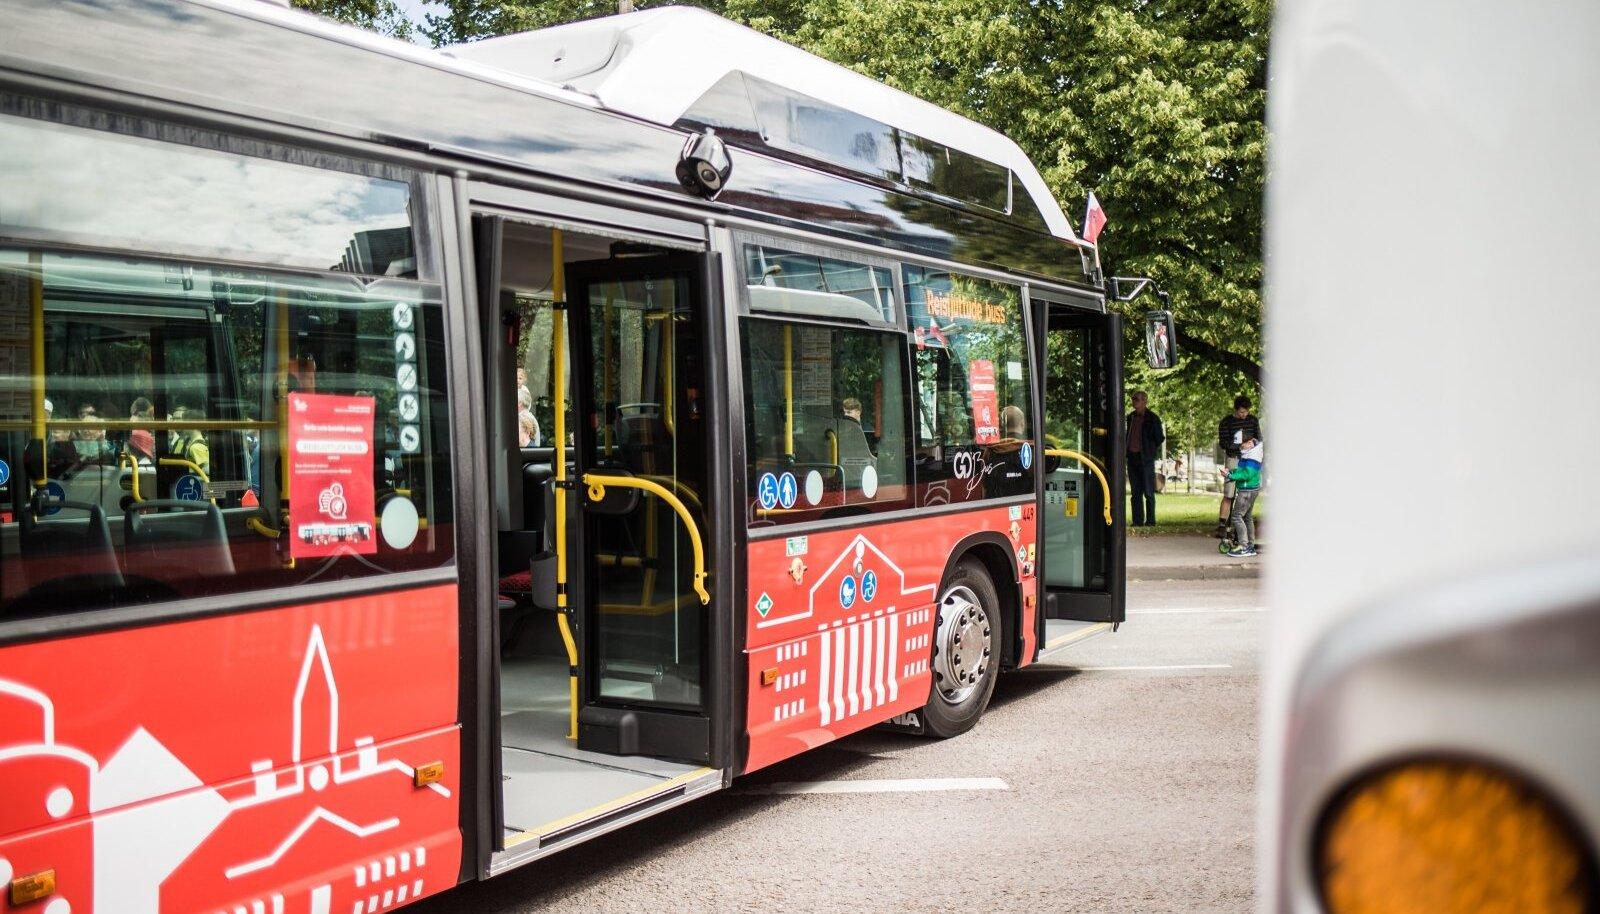 Tartu uued bussid võiksid numbreid öelda, kui lubataks.